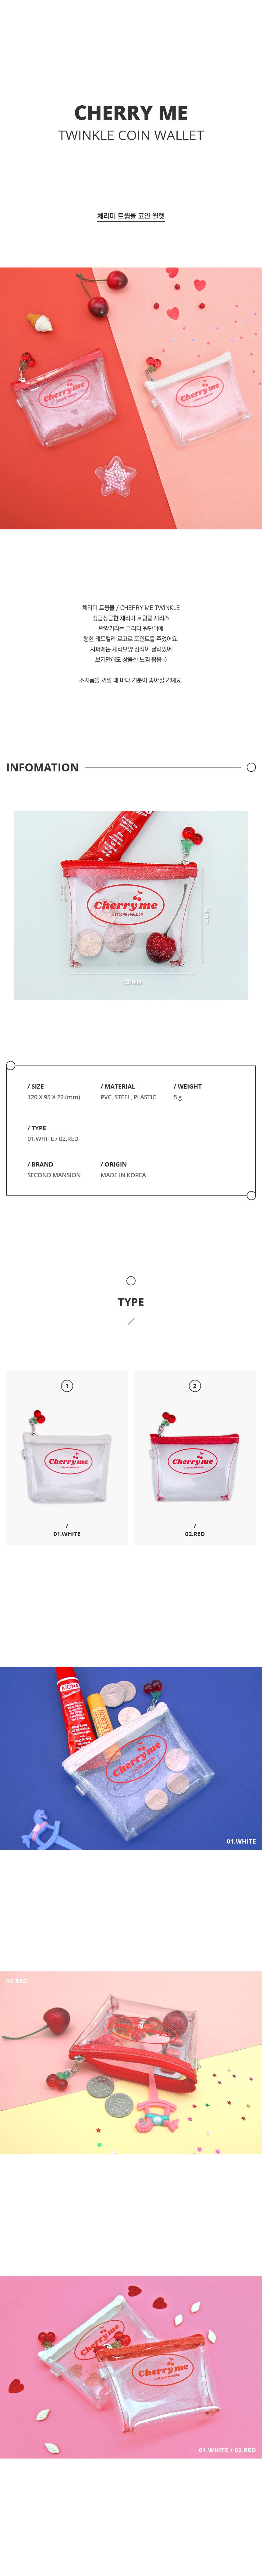 체리미 트윙클 코인 월렛 - 세컨드맨션, 10,800원, 동전/카드지갑, 동전지갑